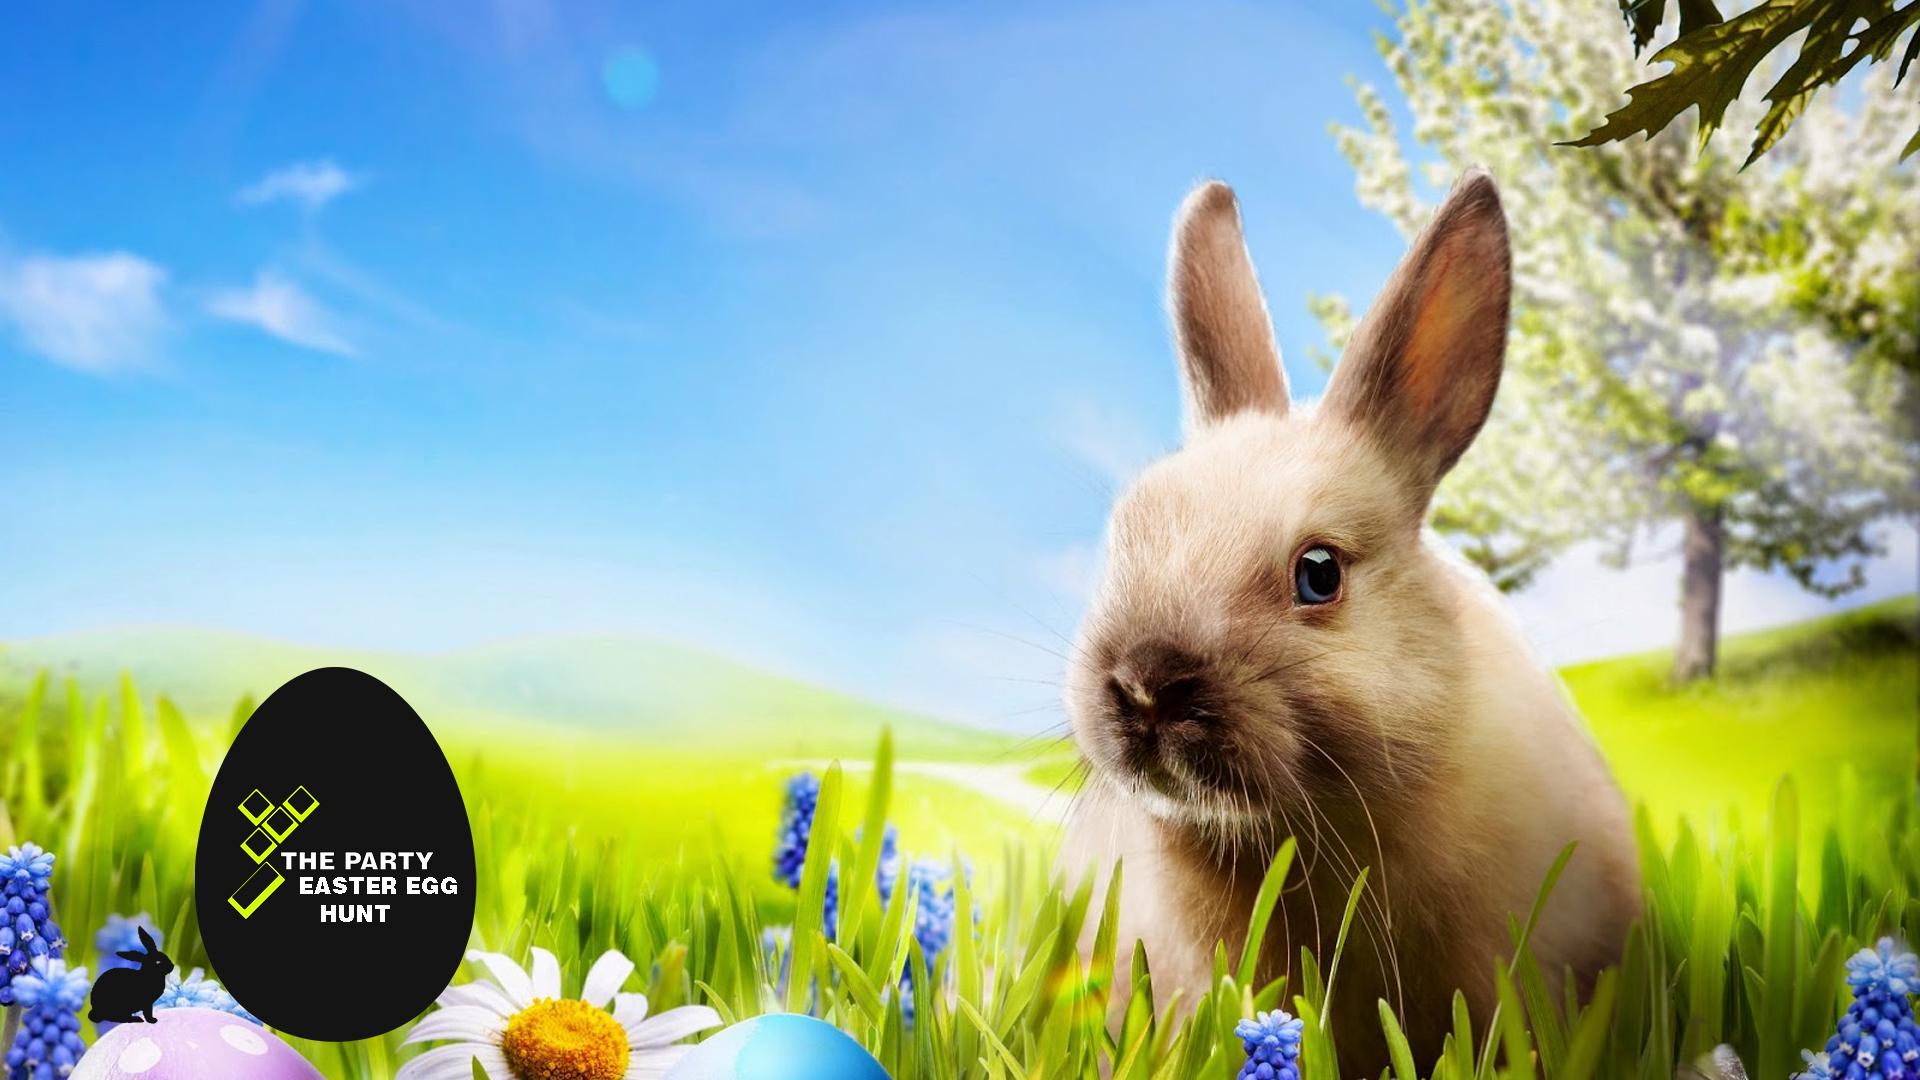 17.00 - Start Easter Egg Hunt